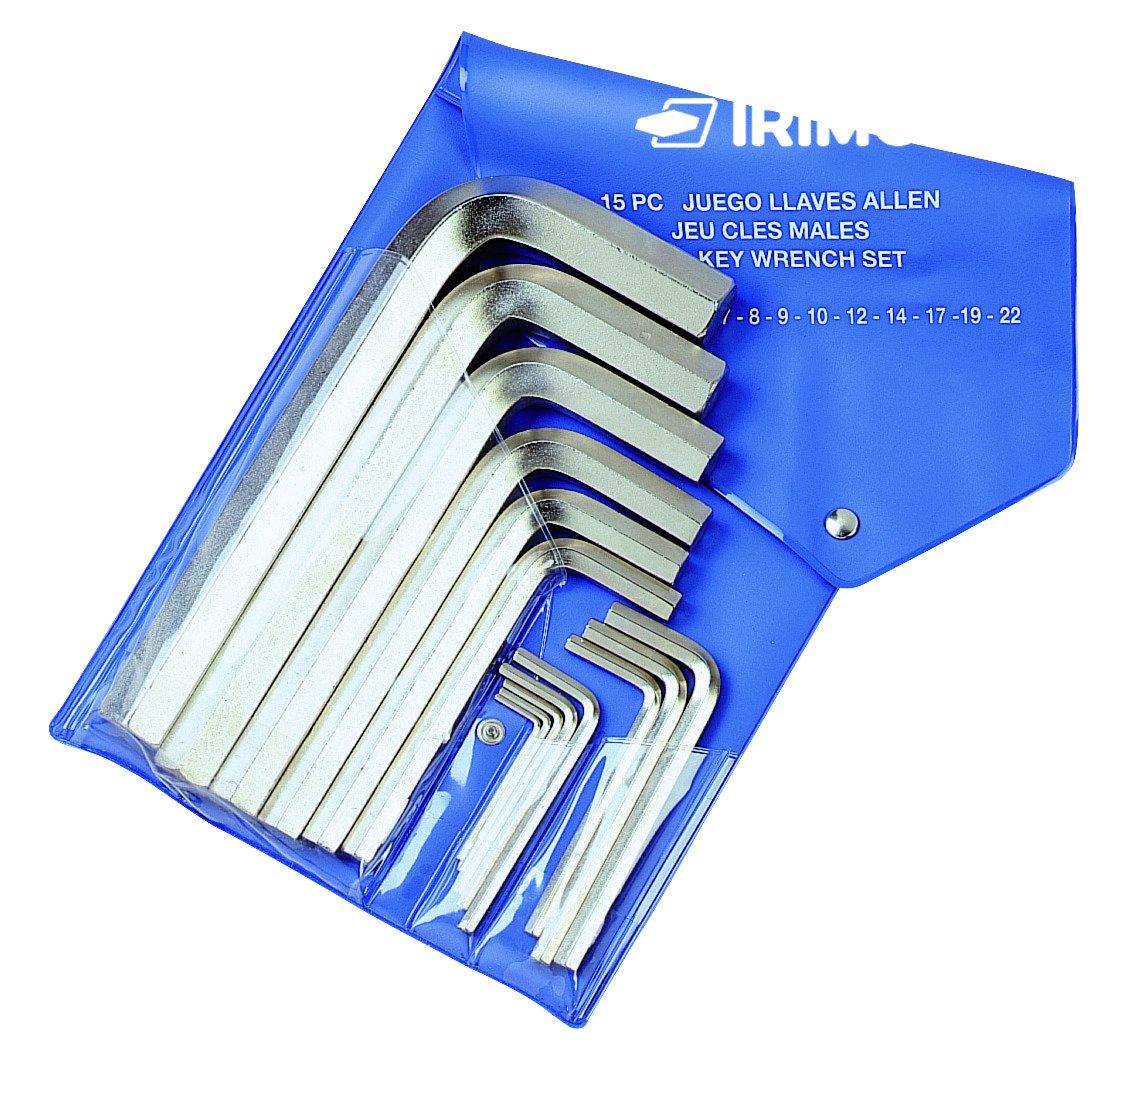 Irimo llaves acodadas - Juego llave hexagonal macho acodado n-1 niquelado bolsa 10u 041021